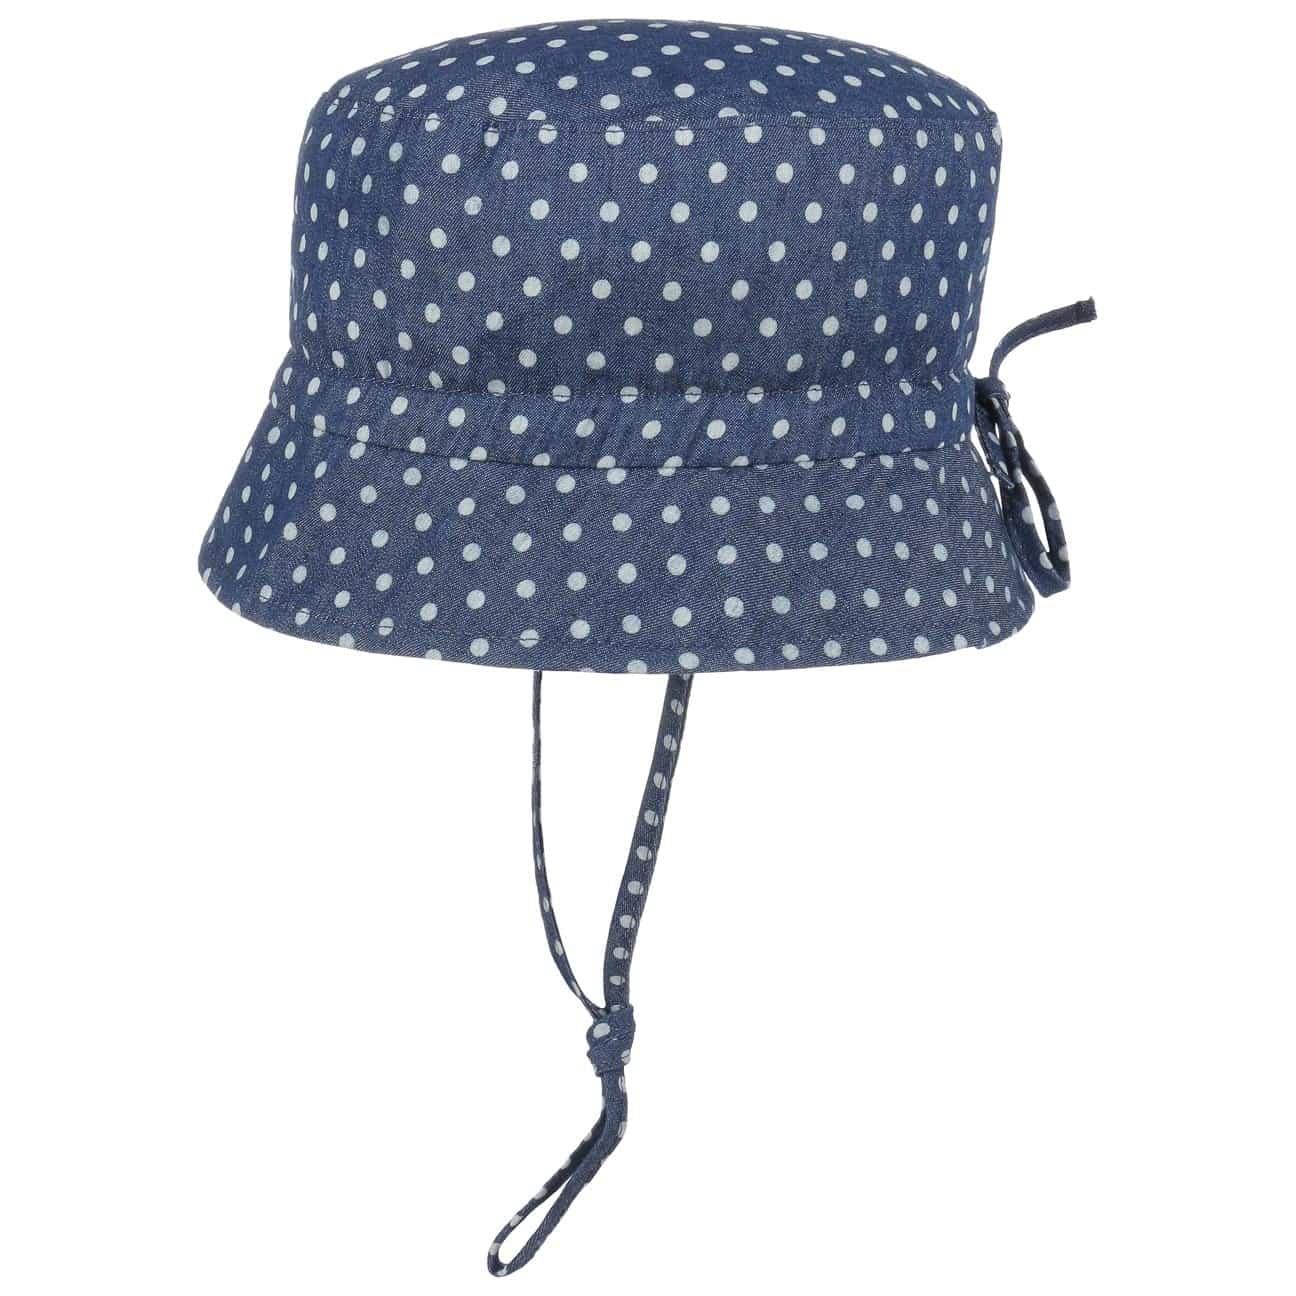 Chapeau pour Enfant Dots Jeans by Döll  chapeau de pêche